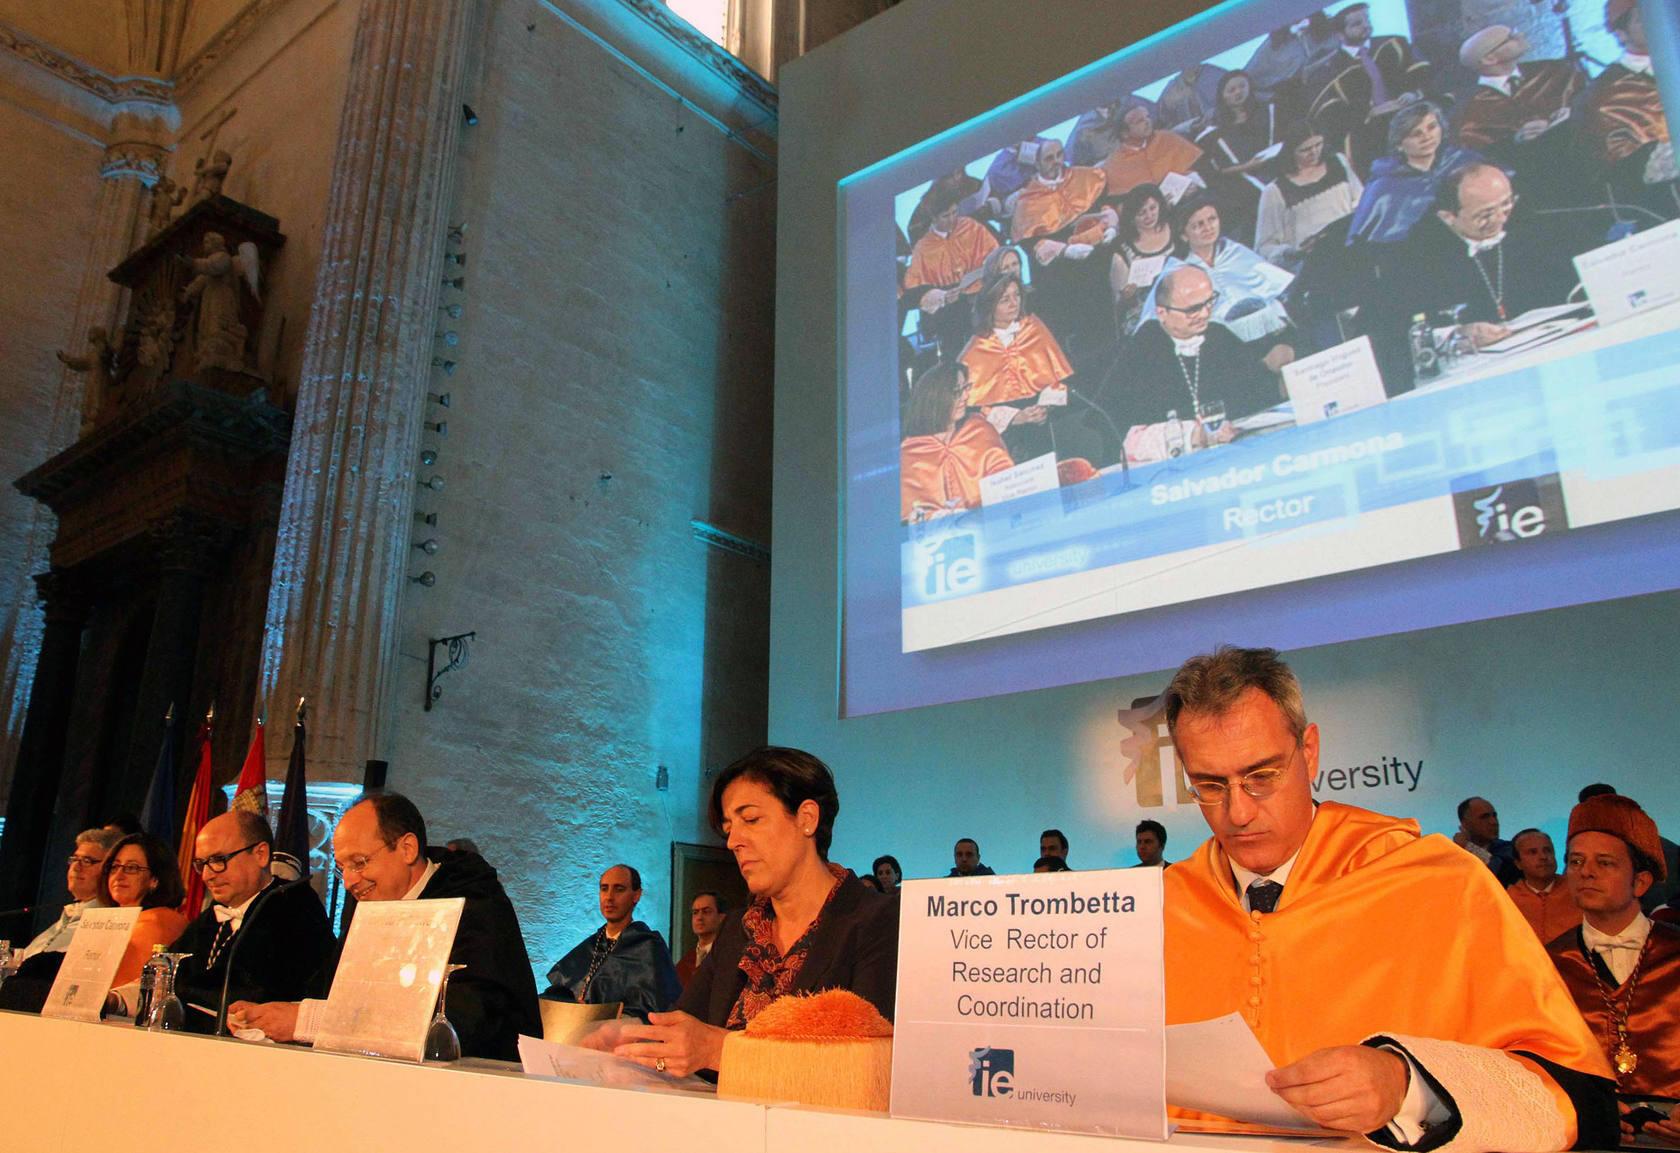 Acto de graduación de la IE Universidad 2013 en su campus de Segovia